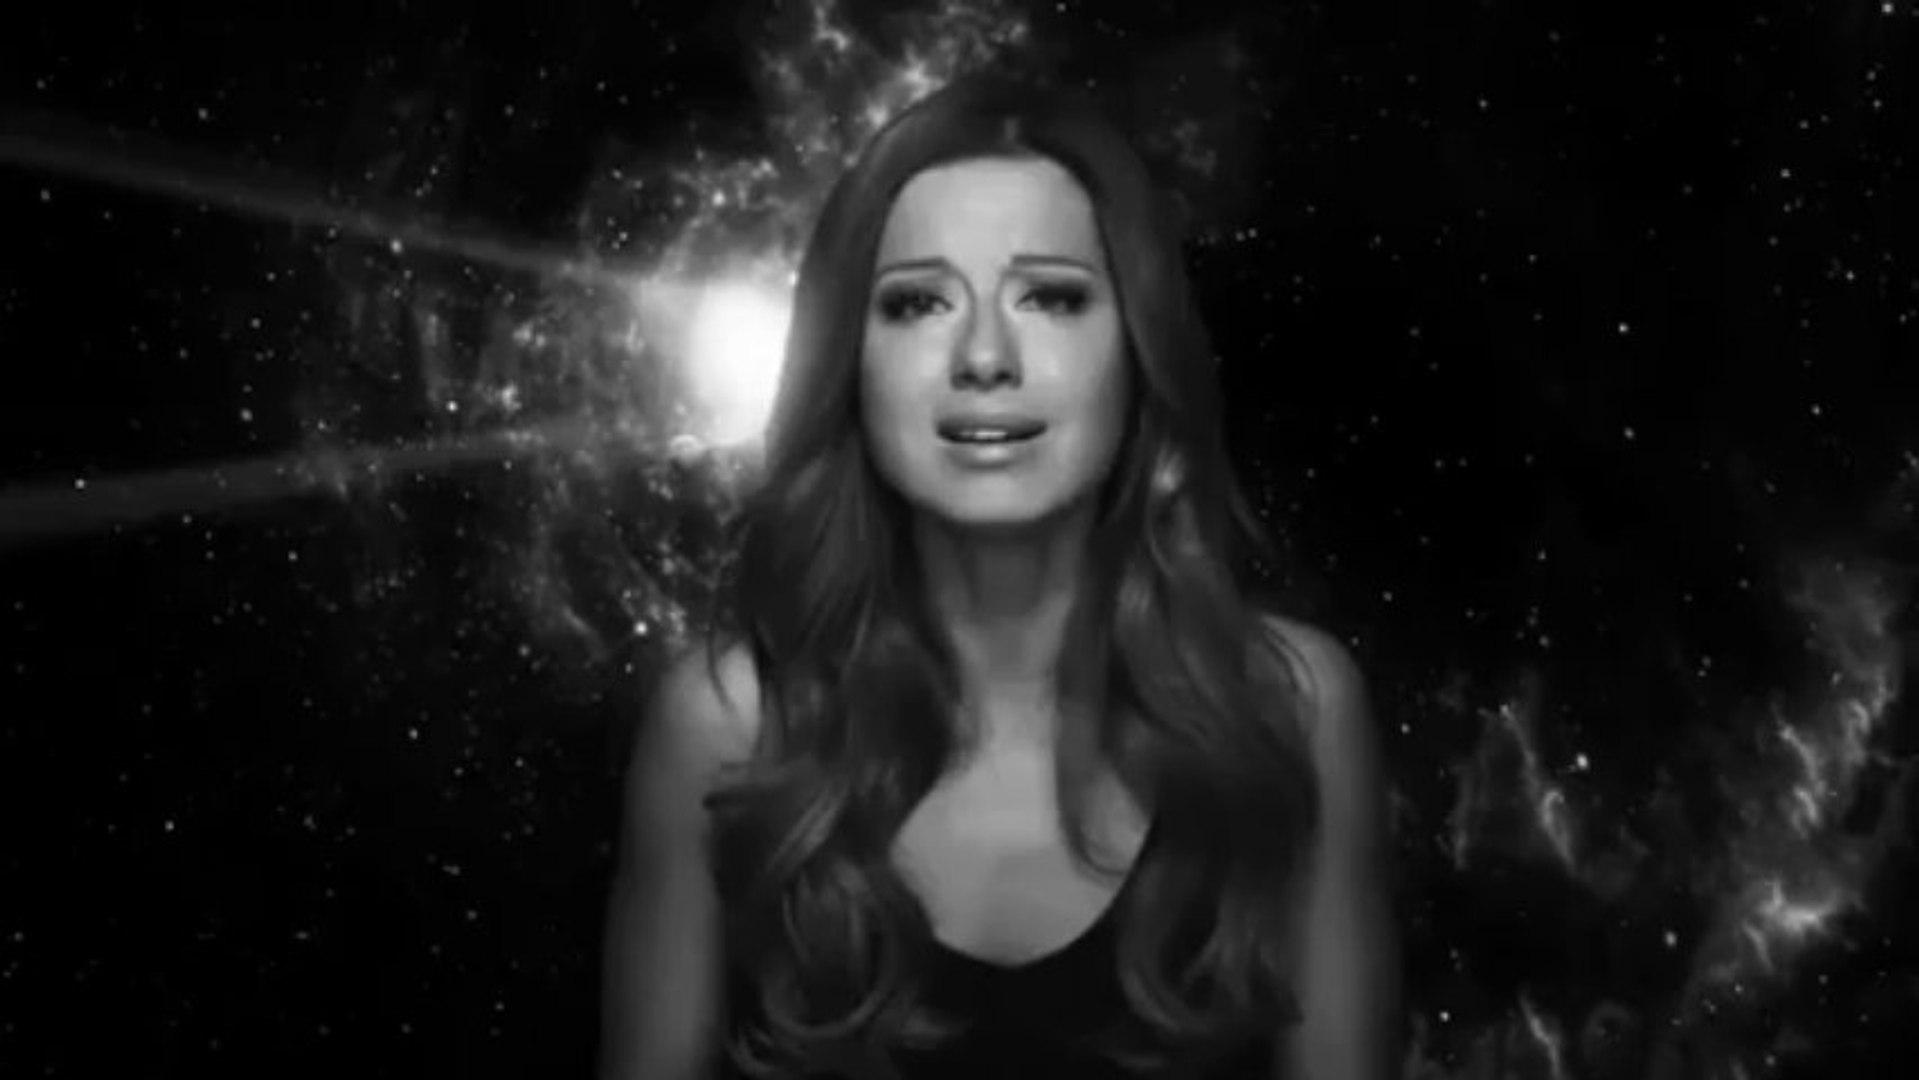 Юлия Савичева - Я так тебя жду (2013) download HD